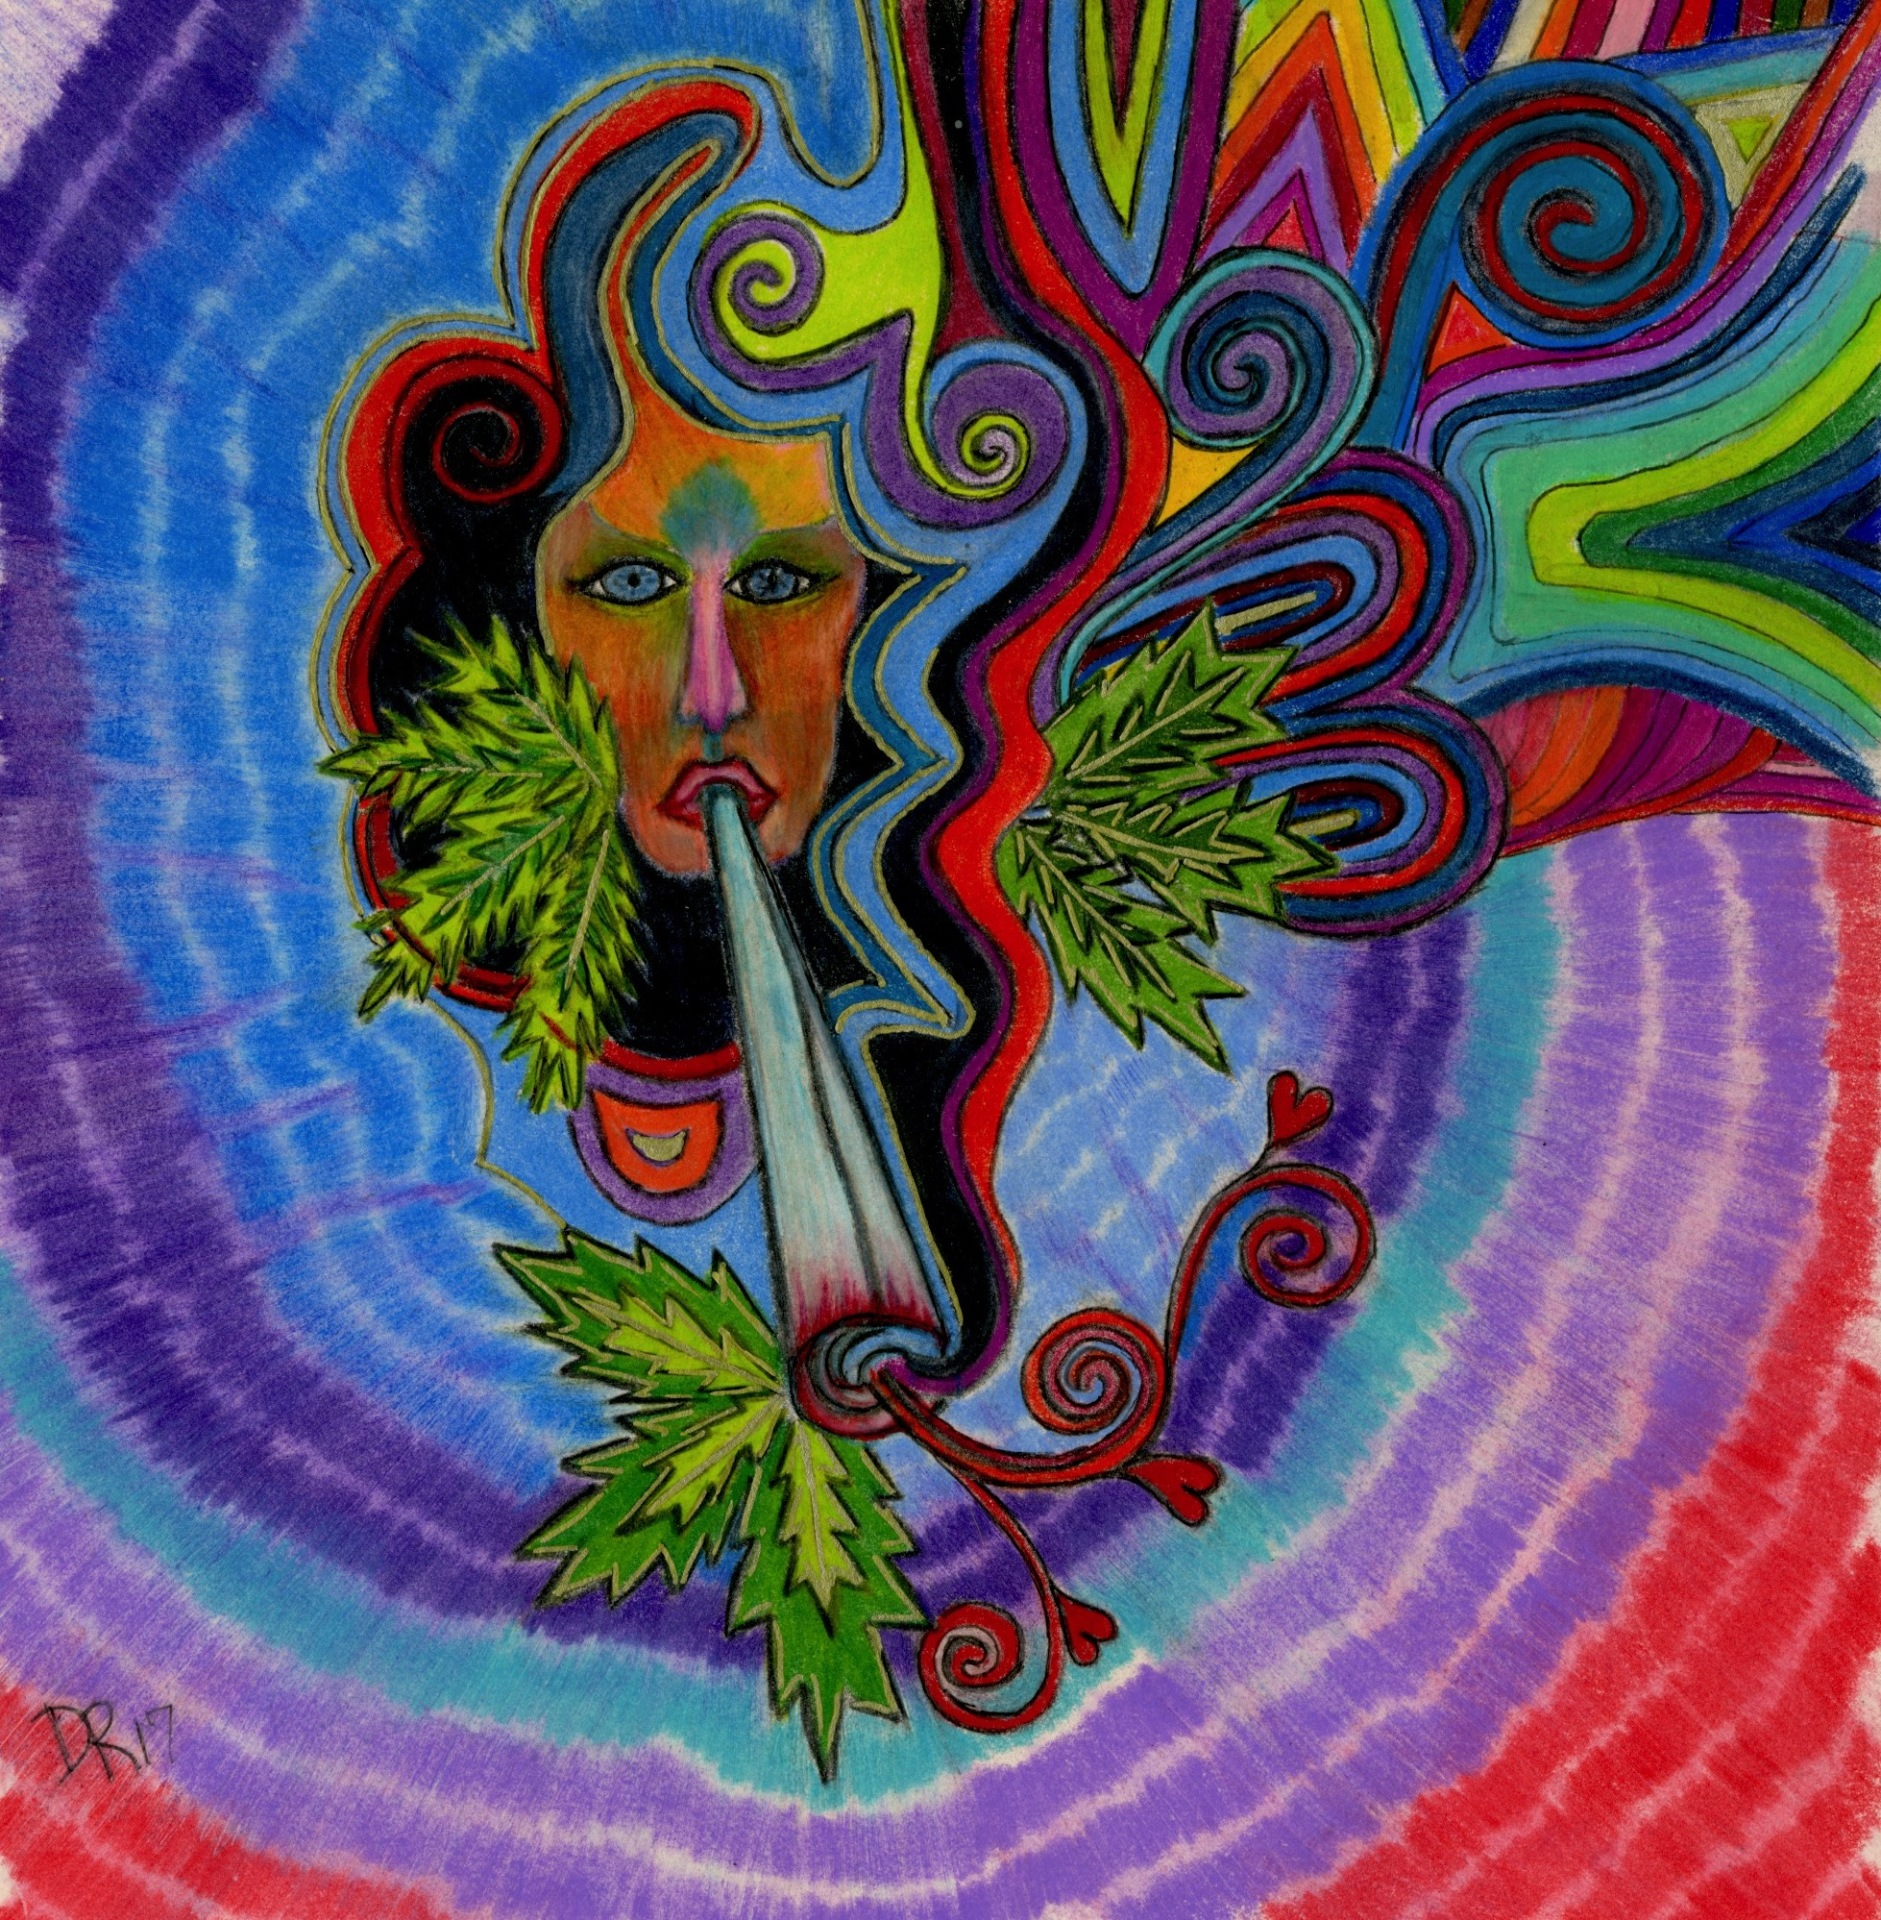 Hallucination 1